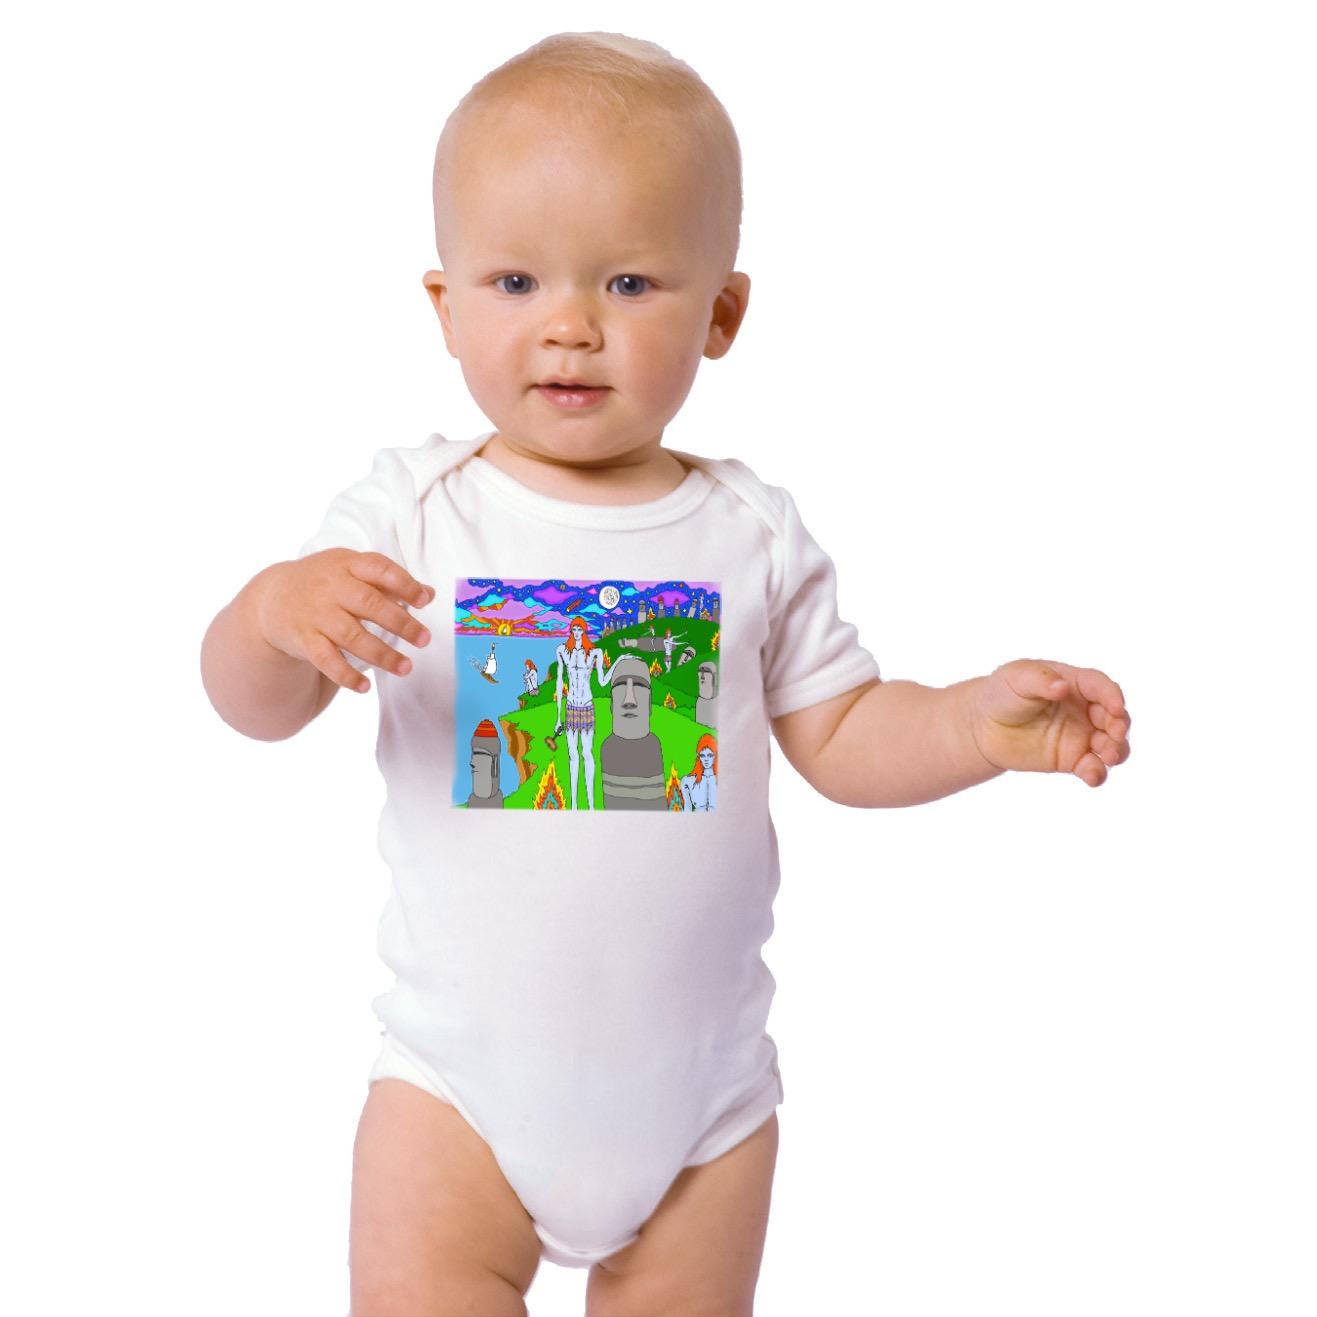 Baby-Onesie copy 14.jpg